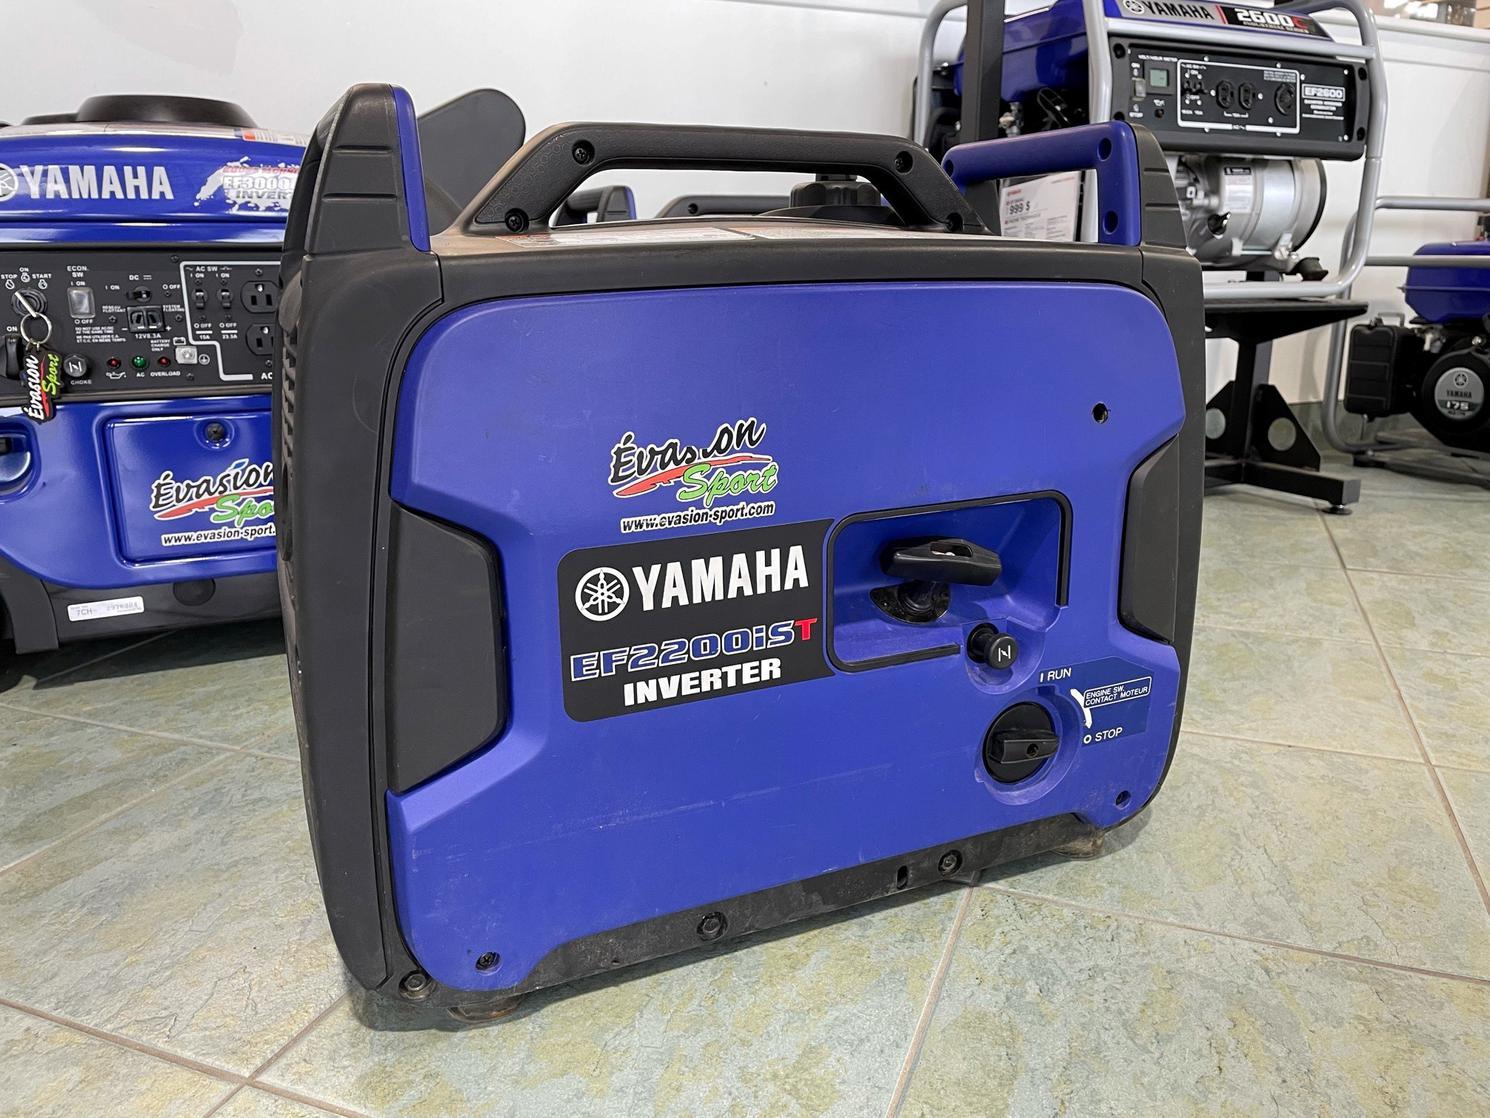 2020 Yamaha EF2200iST